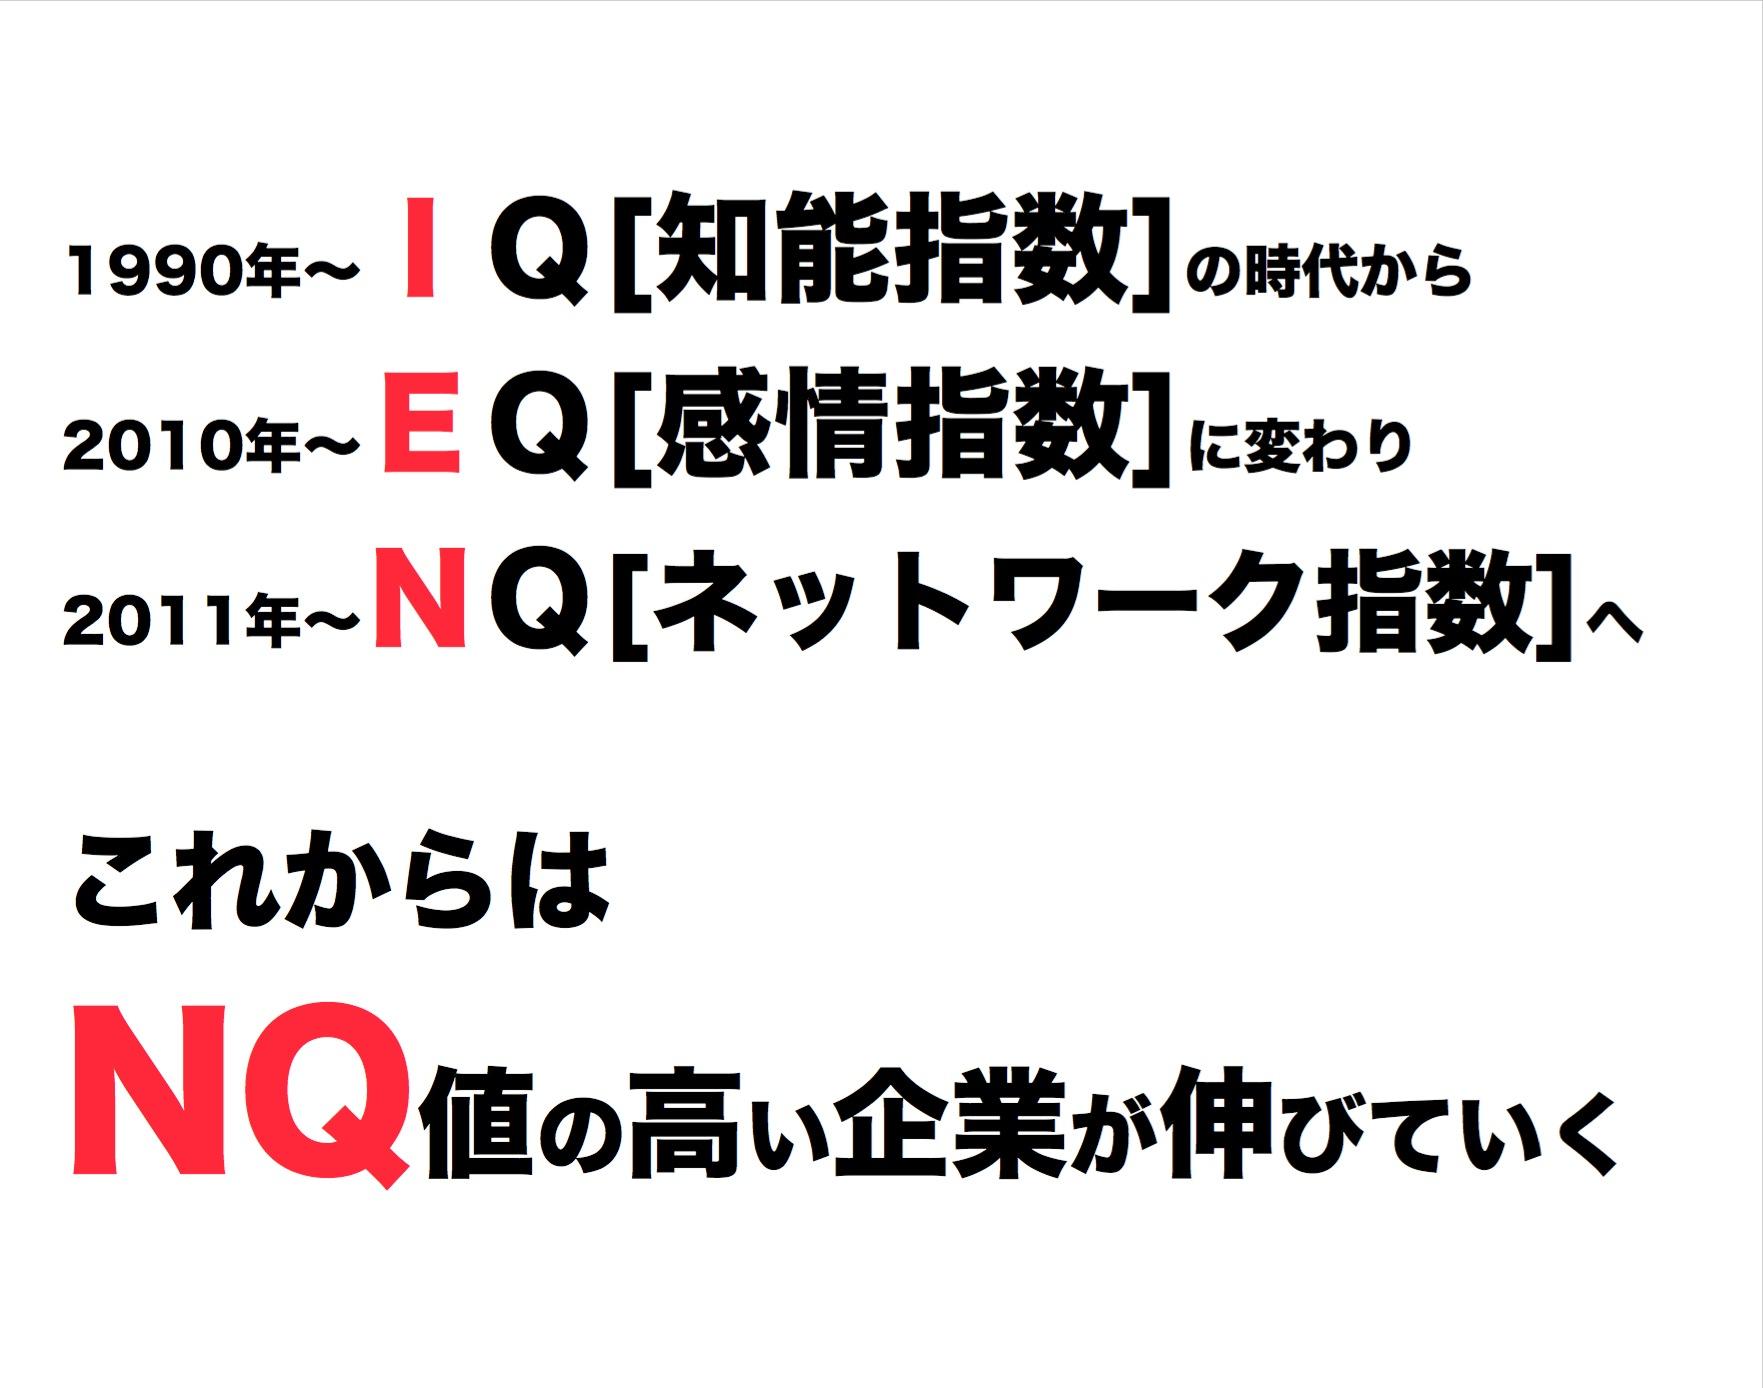 2011年4月ビジネスサークル『2011年新しい時代』これからはNQ値が高い企業が伸びる